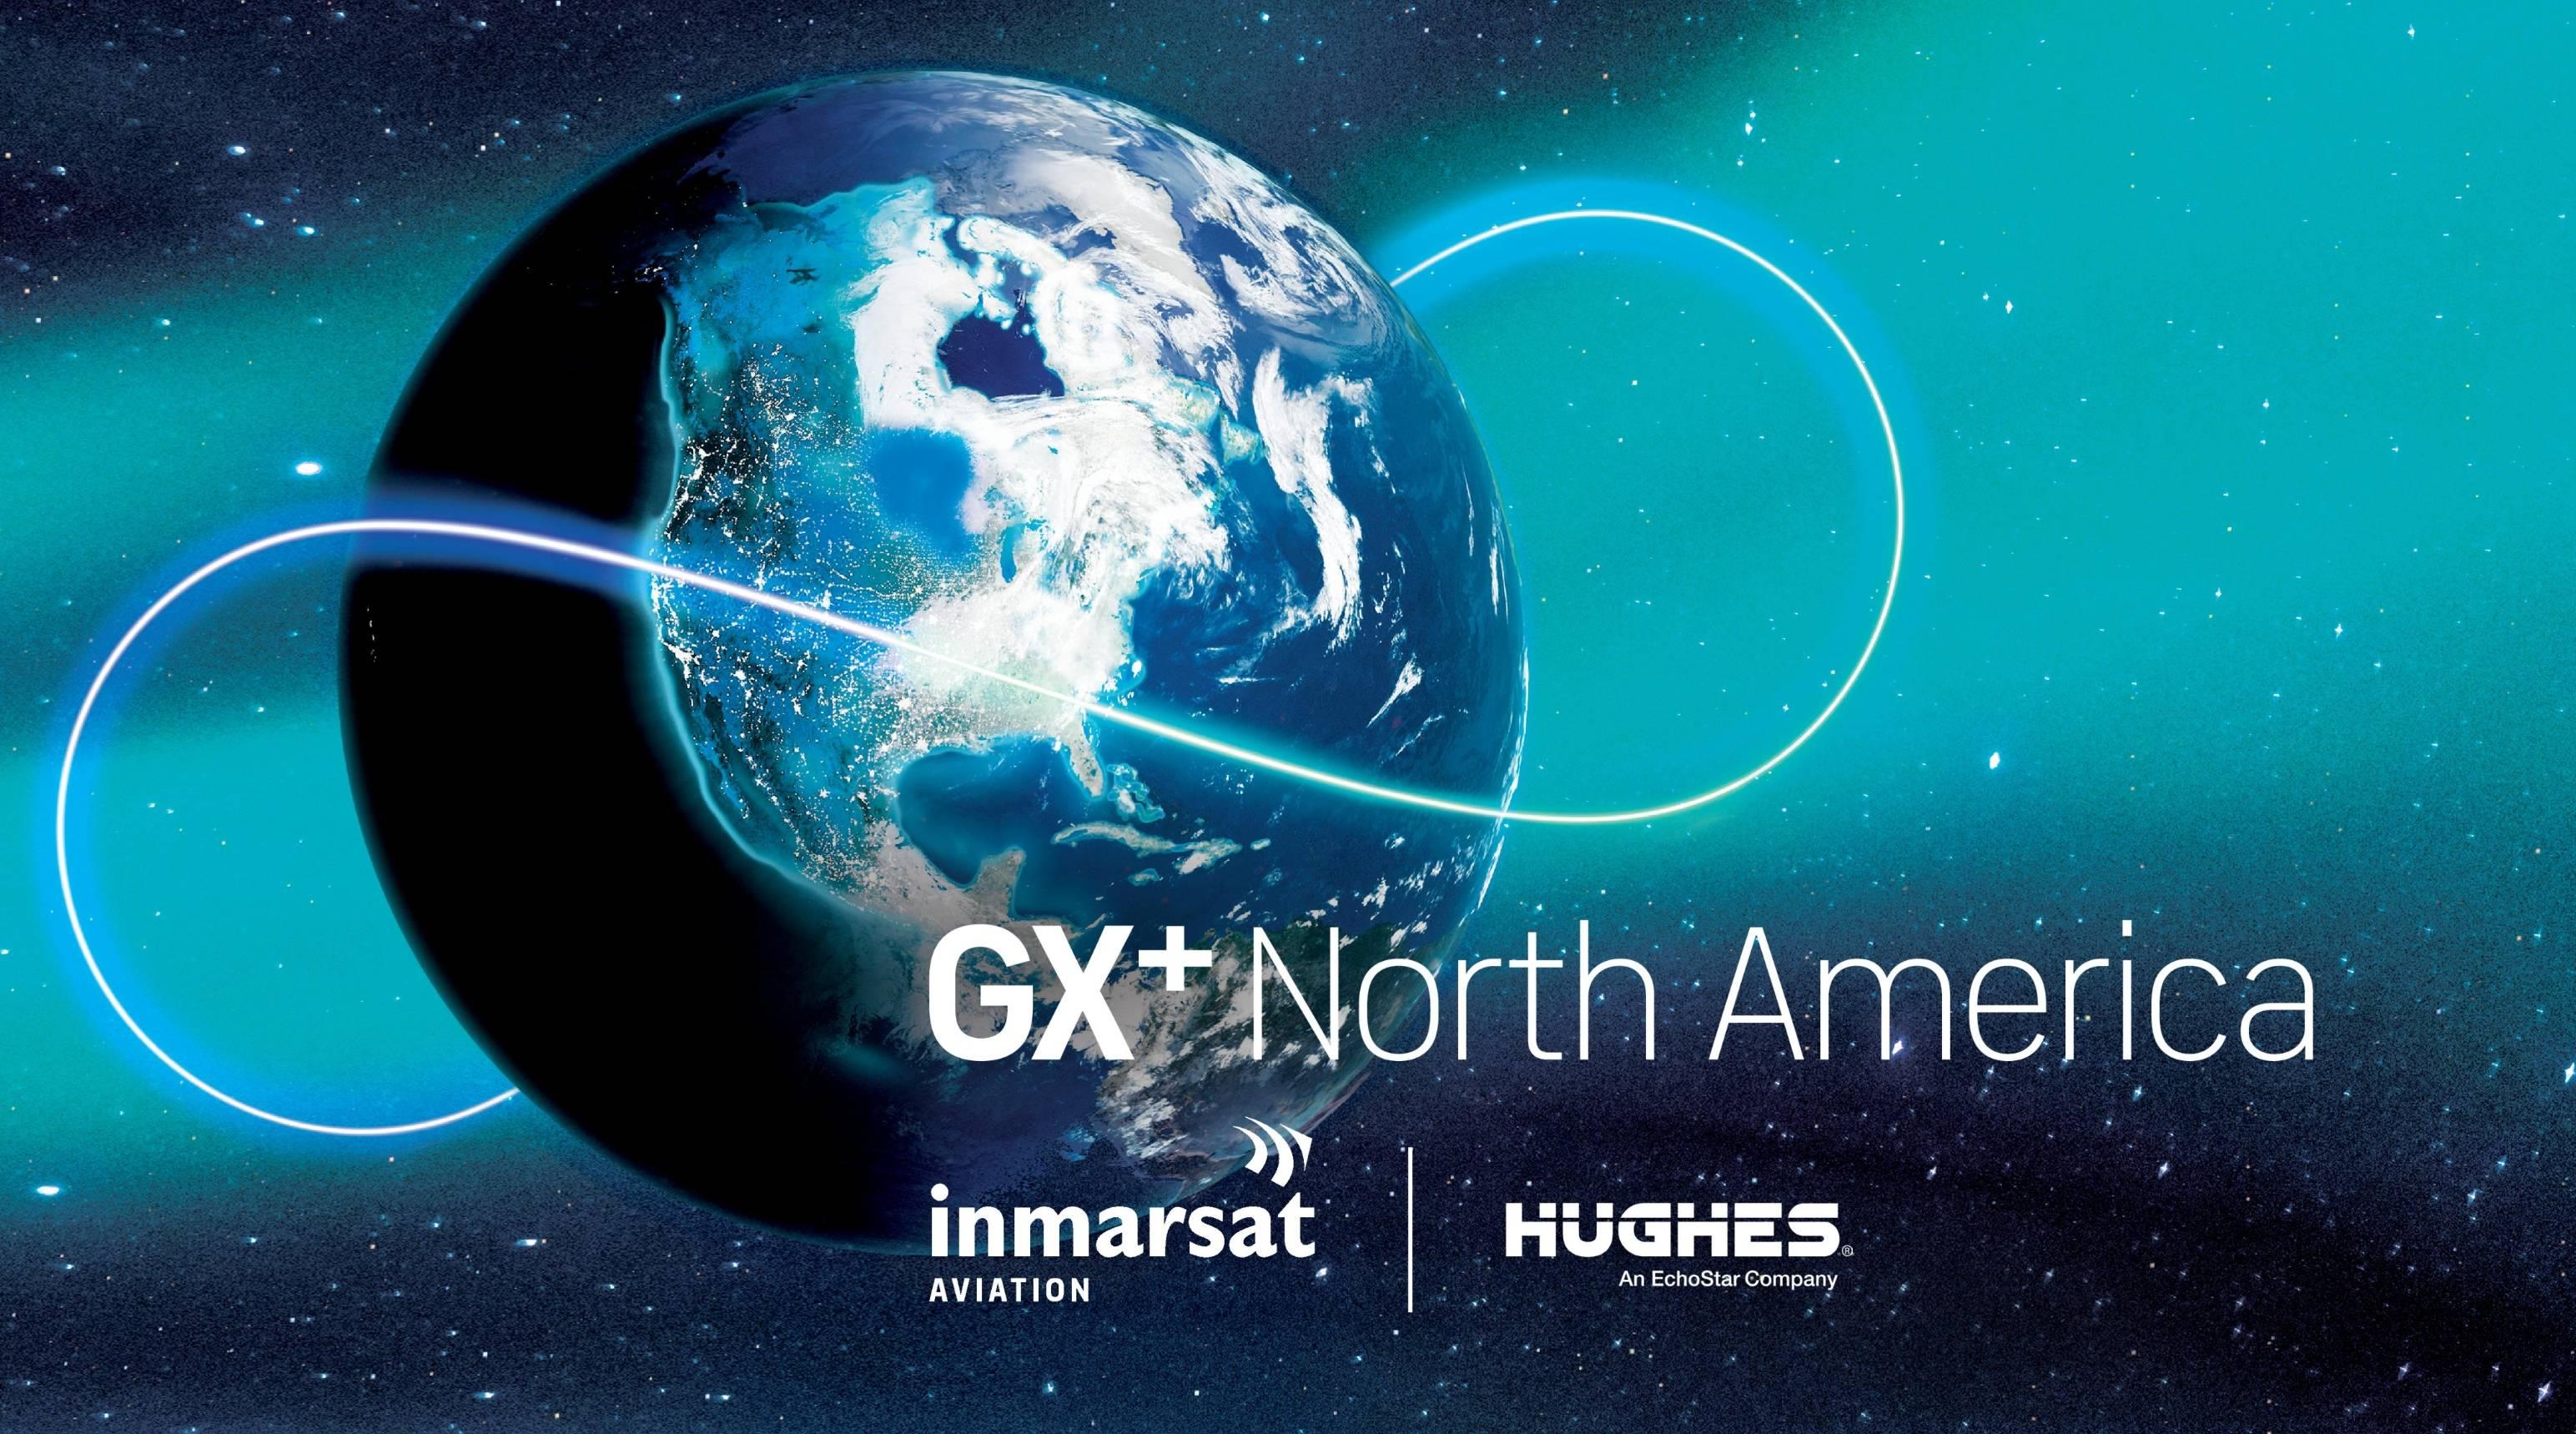 国际海事卫星携手休斯,为北美航空公司及乘客提供变革性的机上互联服务